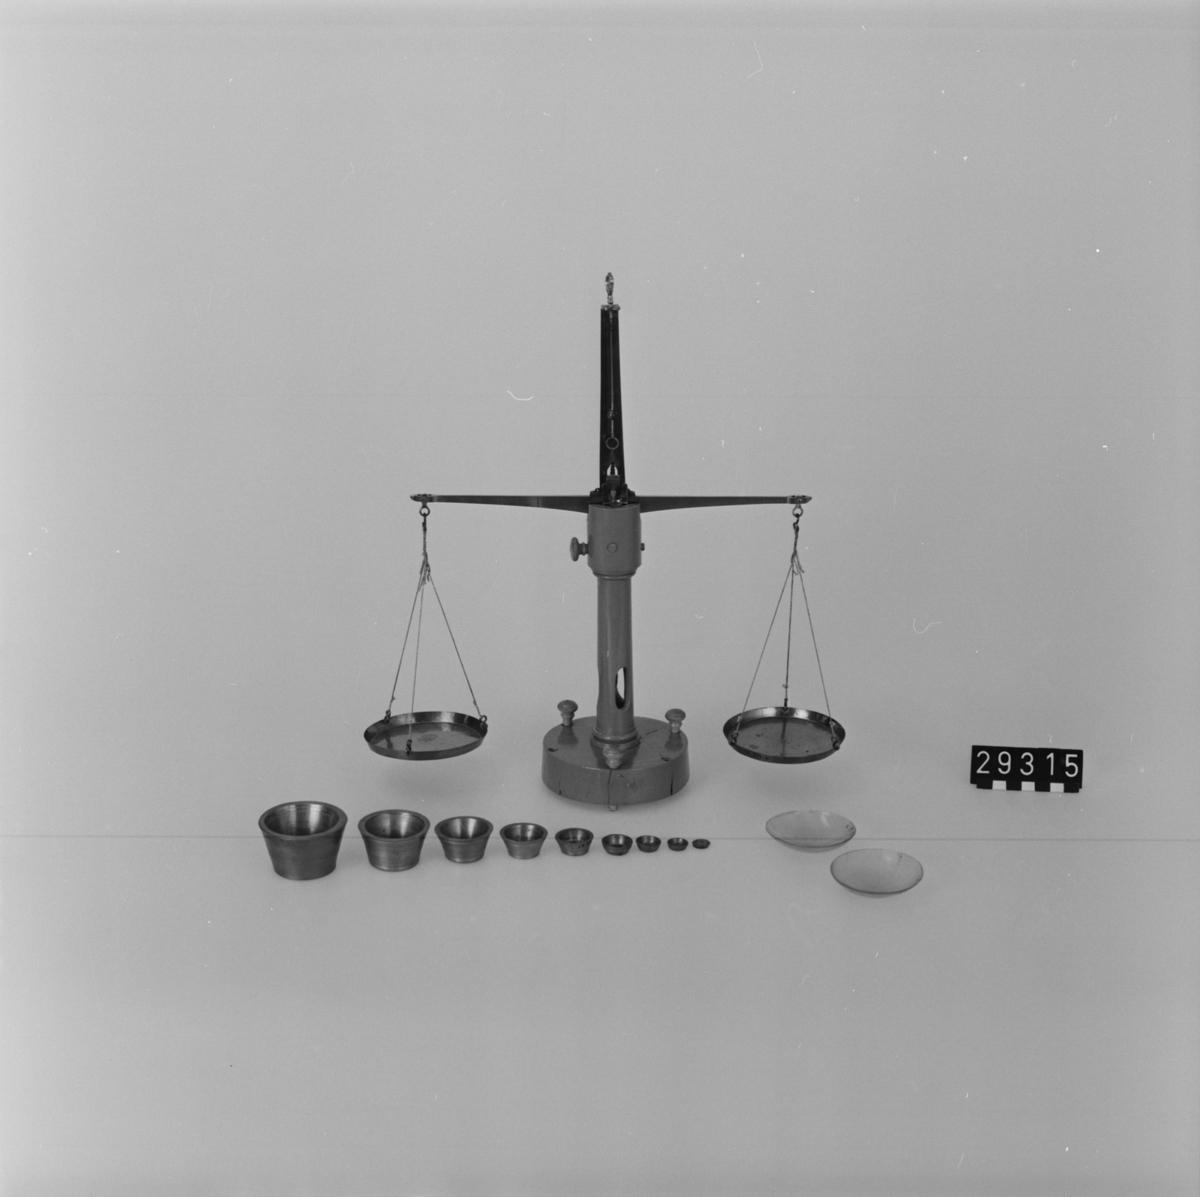 Probervåg med likarmad balans av järn (apoteksvåg) i etui med svart läderklädsel. Etuiets längd: 300 mm, bredd: 210 mm, höjd: 70 mm.